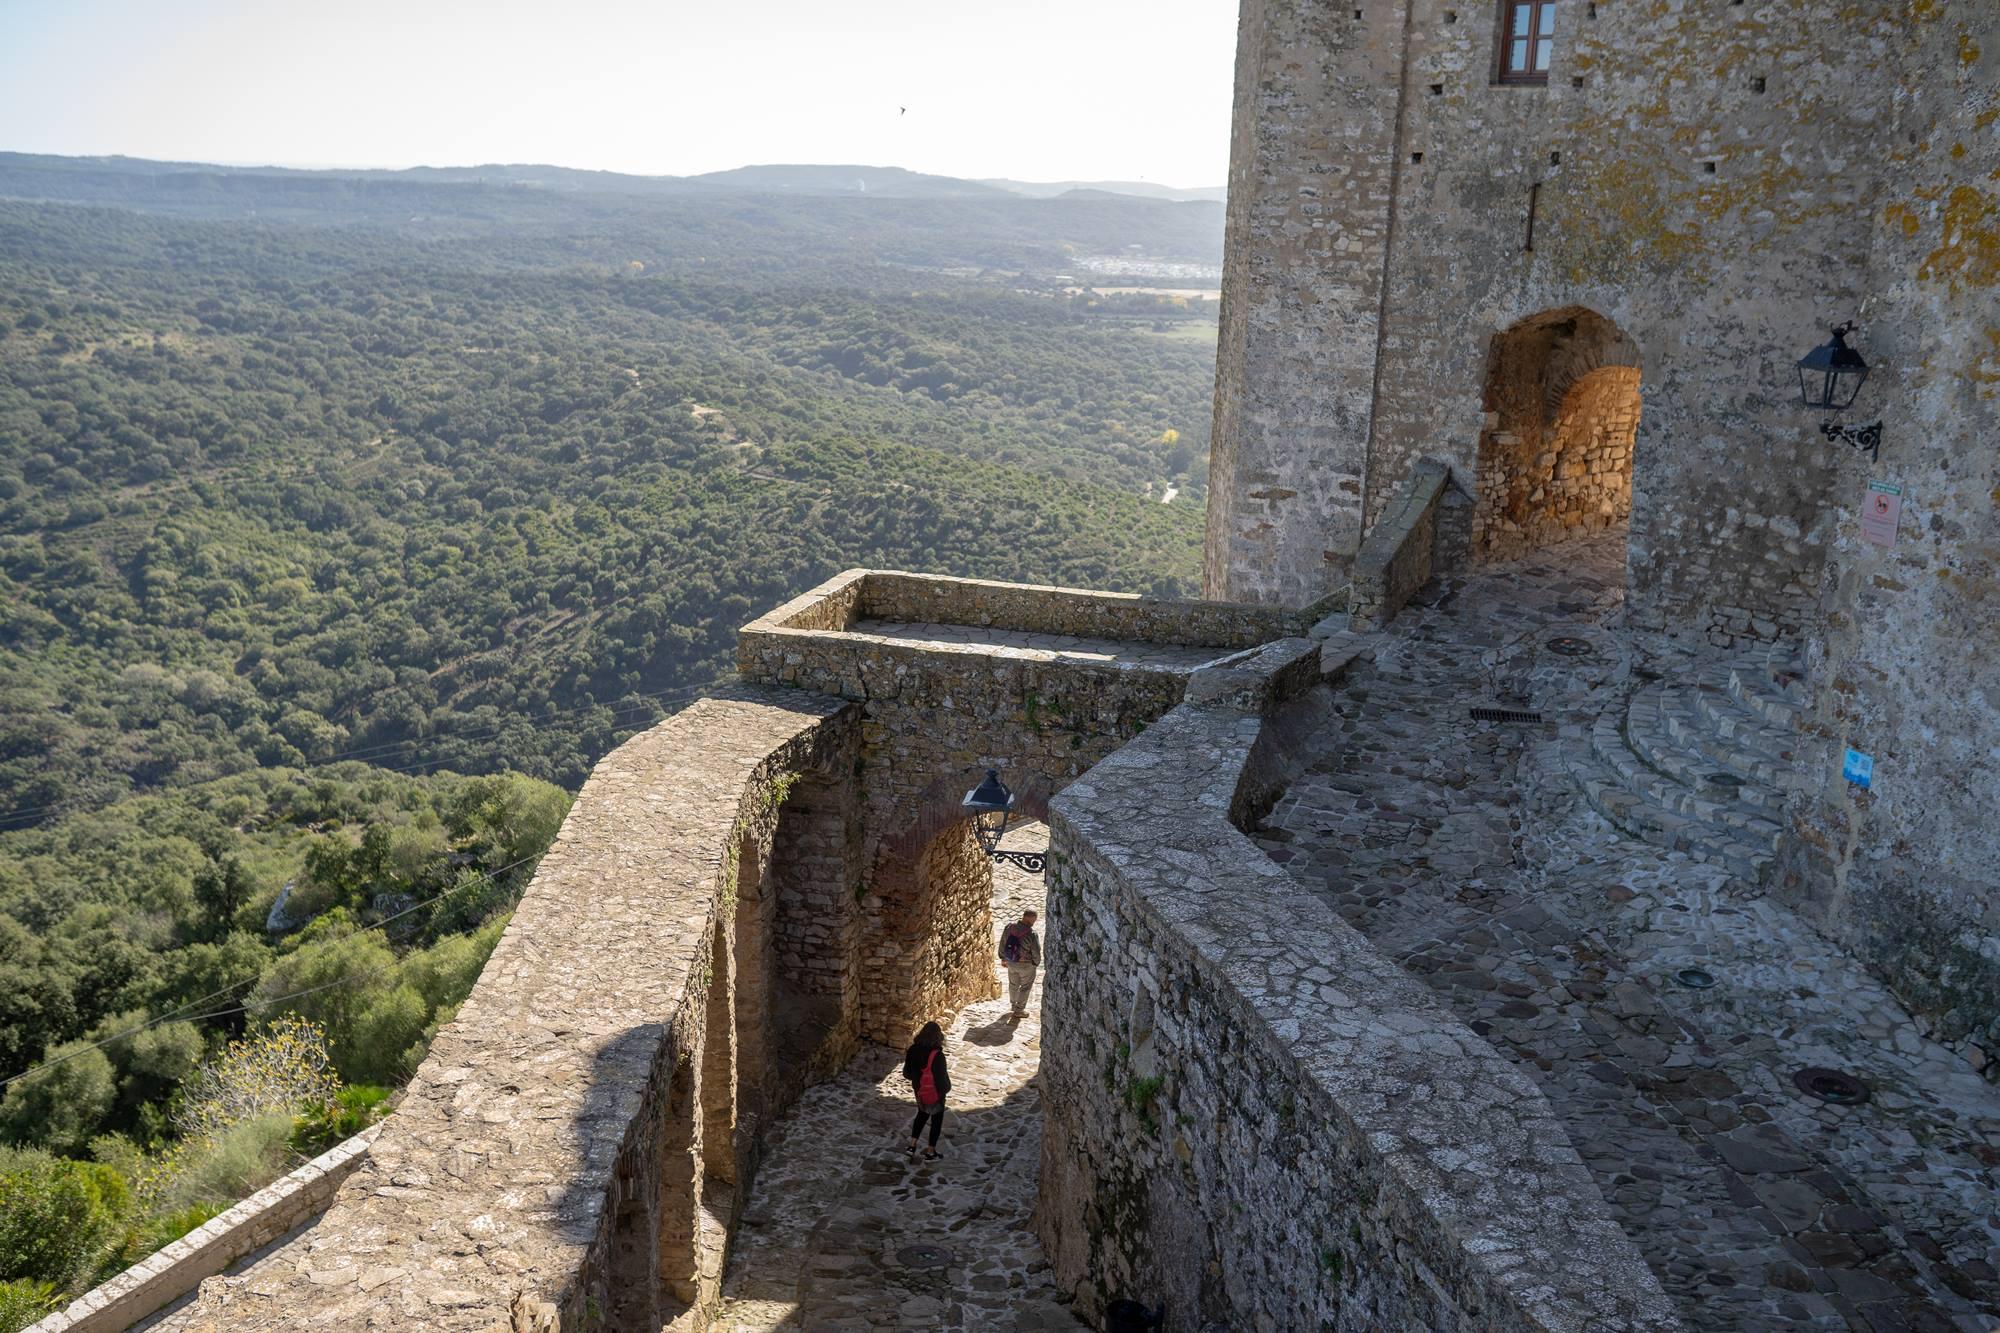 La vista es abrumadora desde cualquier parte de la fortaleza.